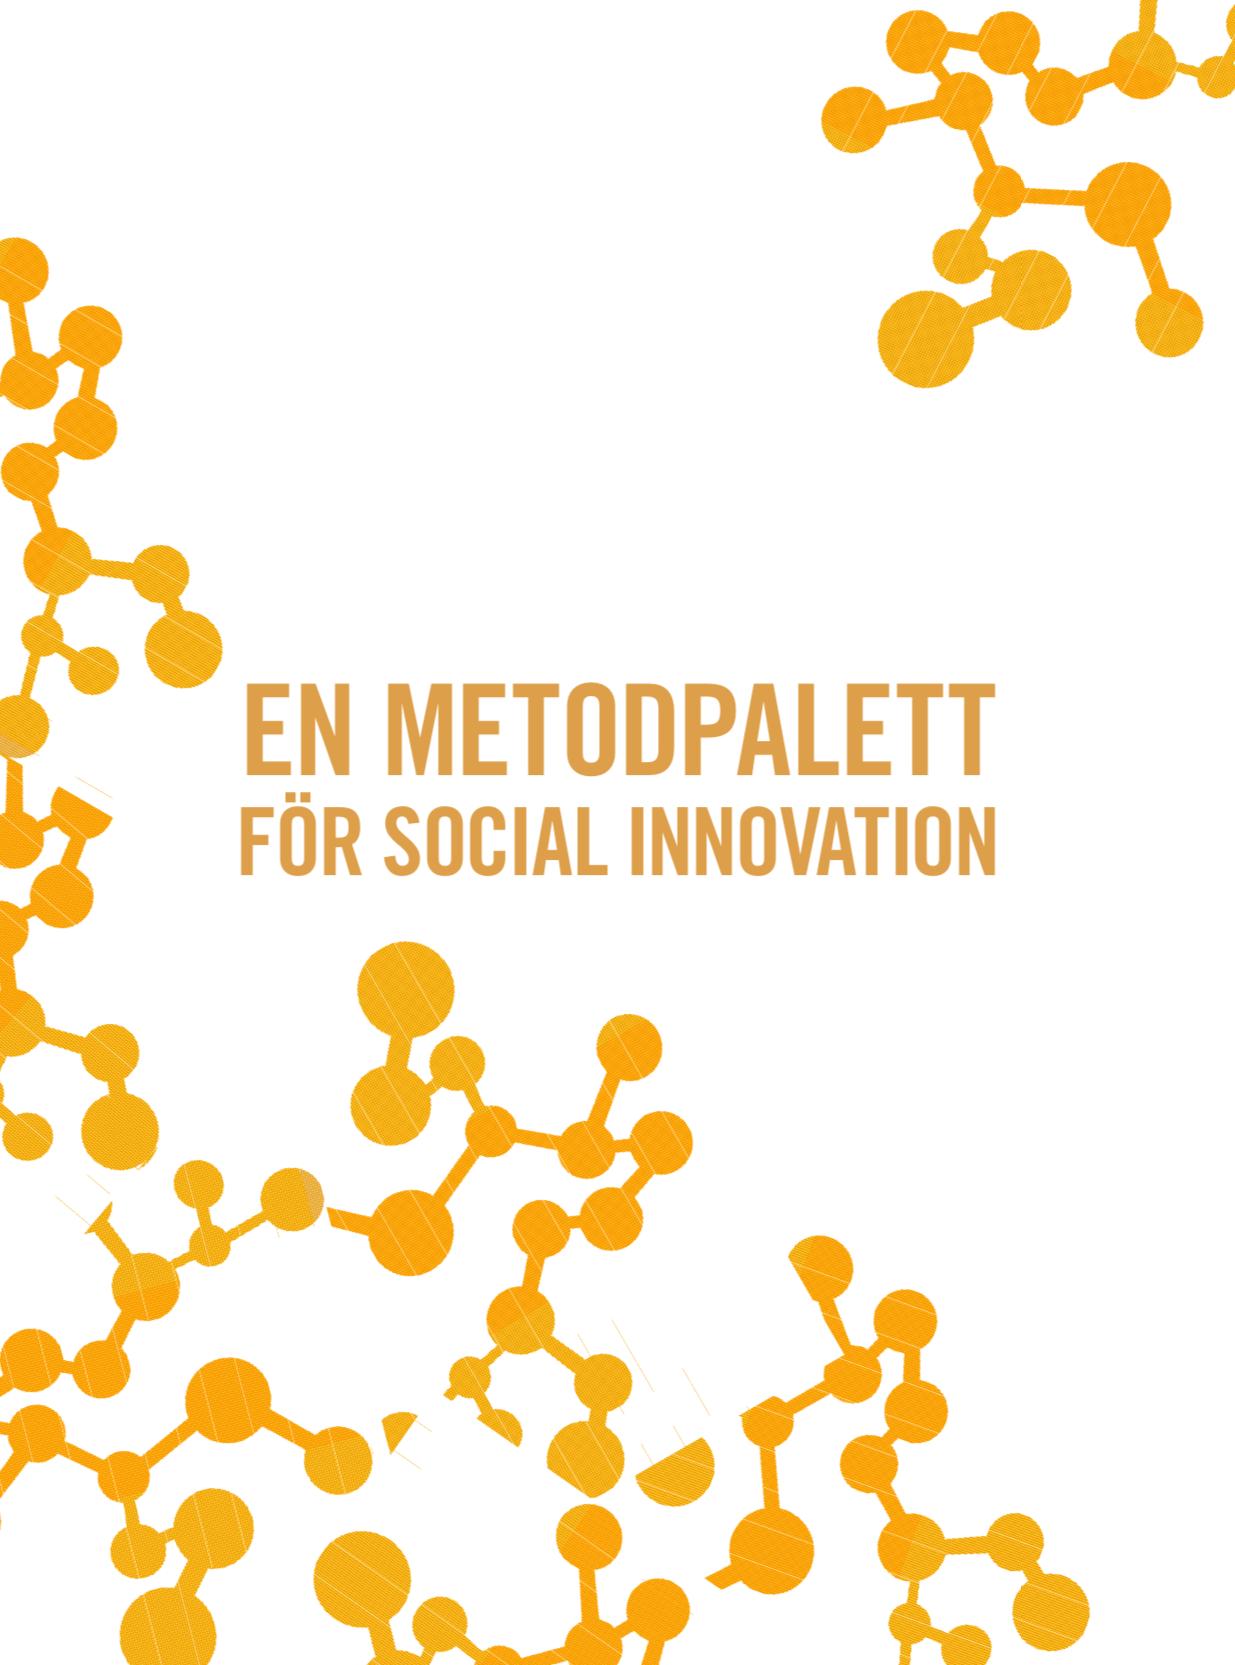 En metodpalett för social innovation (2018)